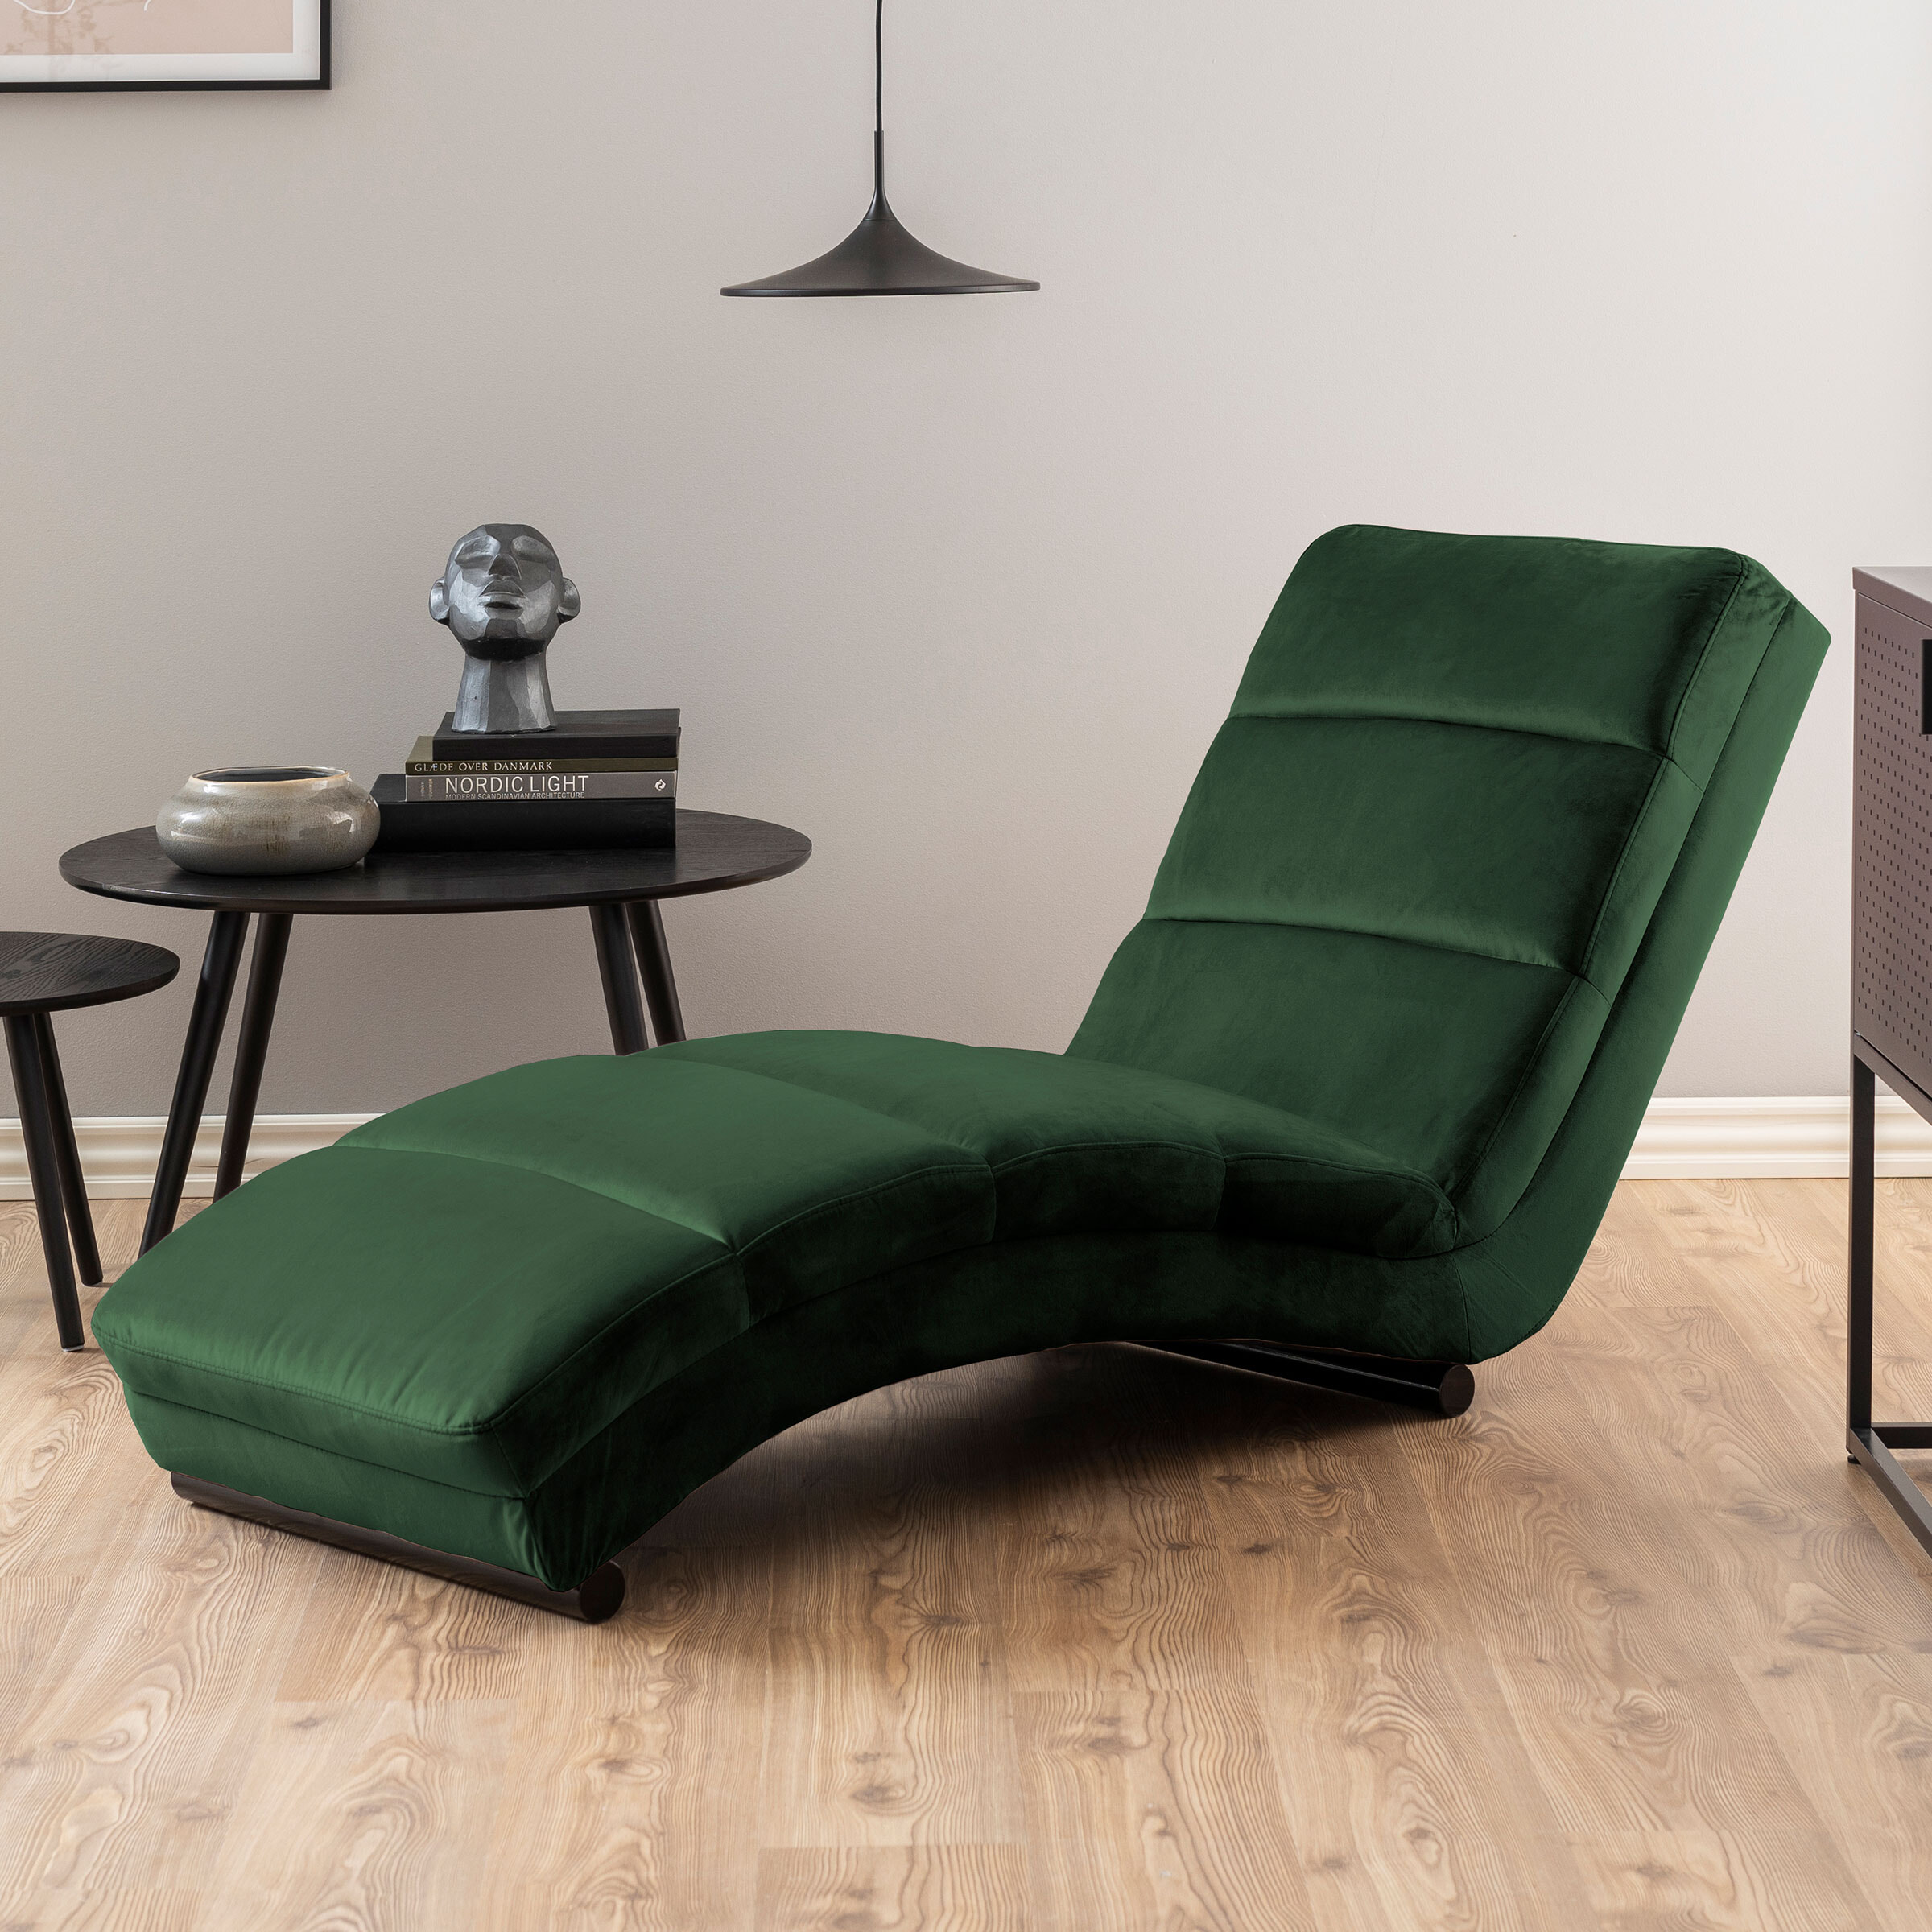 Bendt Relaxfauteuil 'Lauri' Velvet, kleur Forest Green